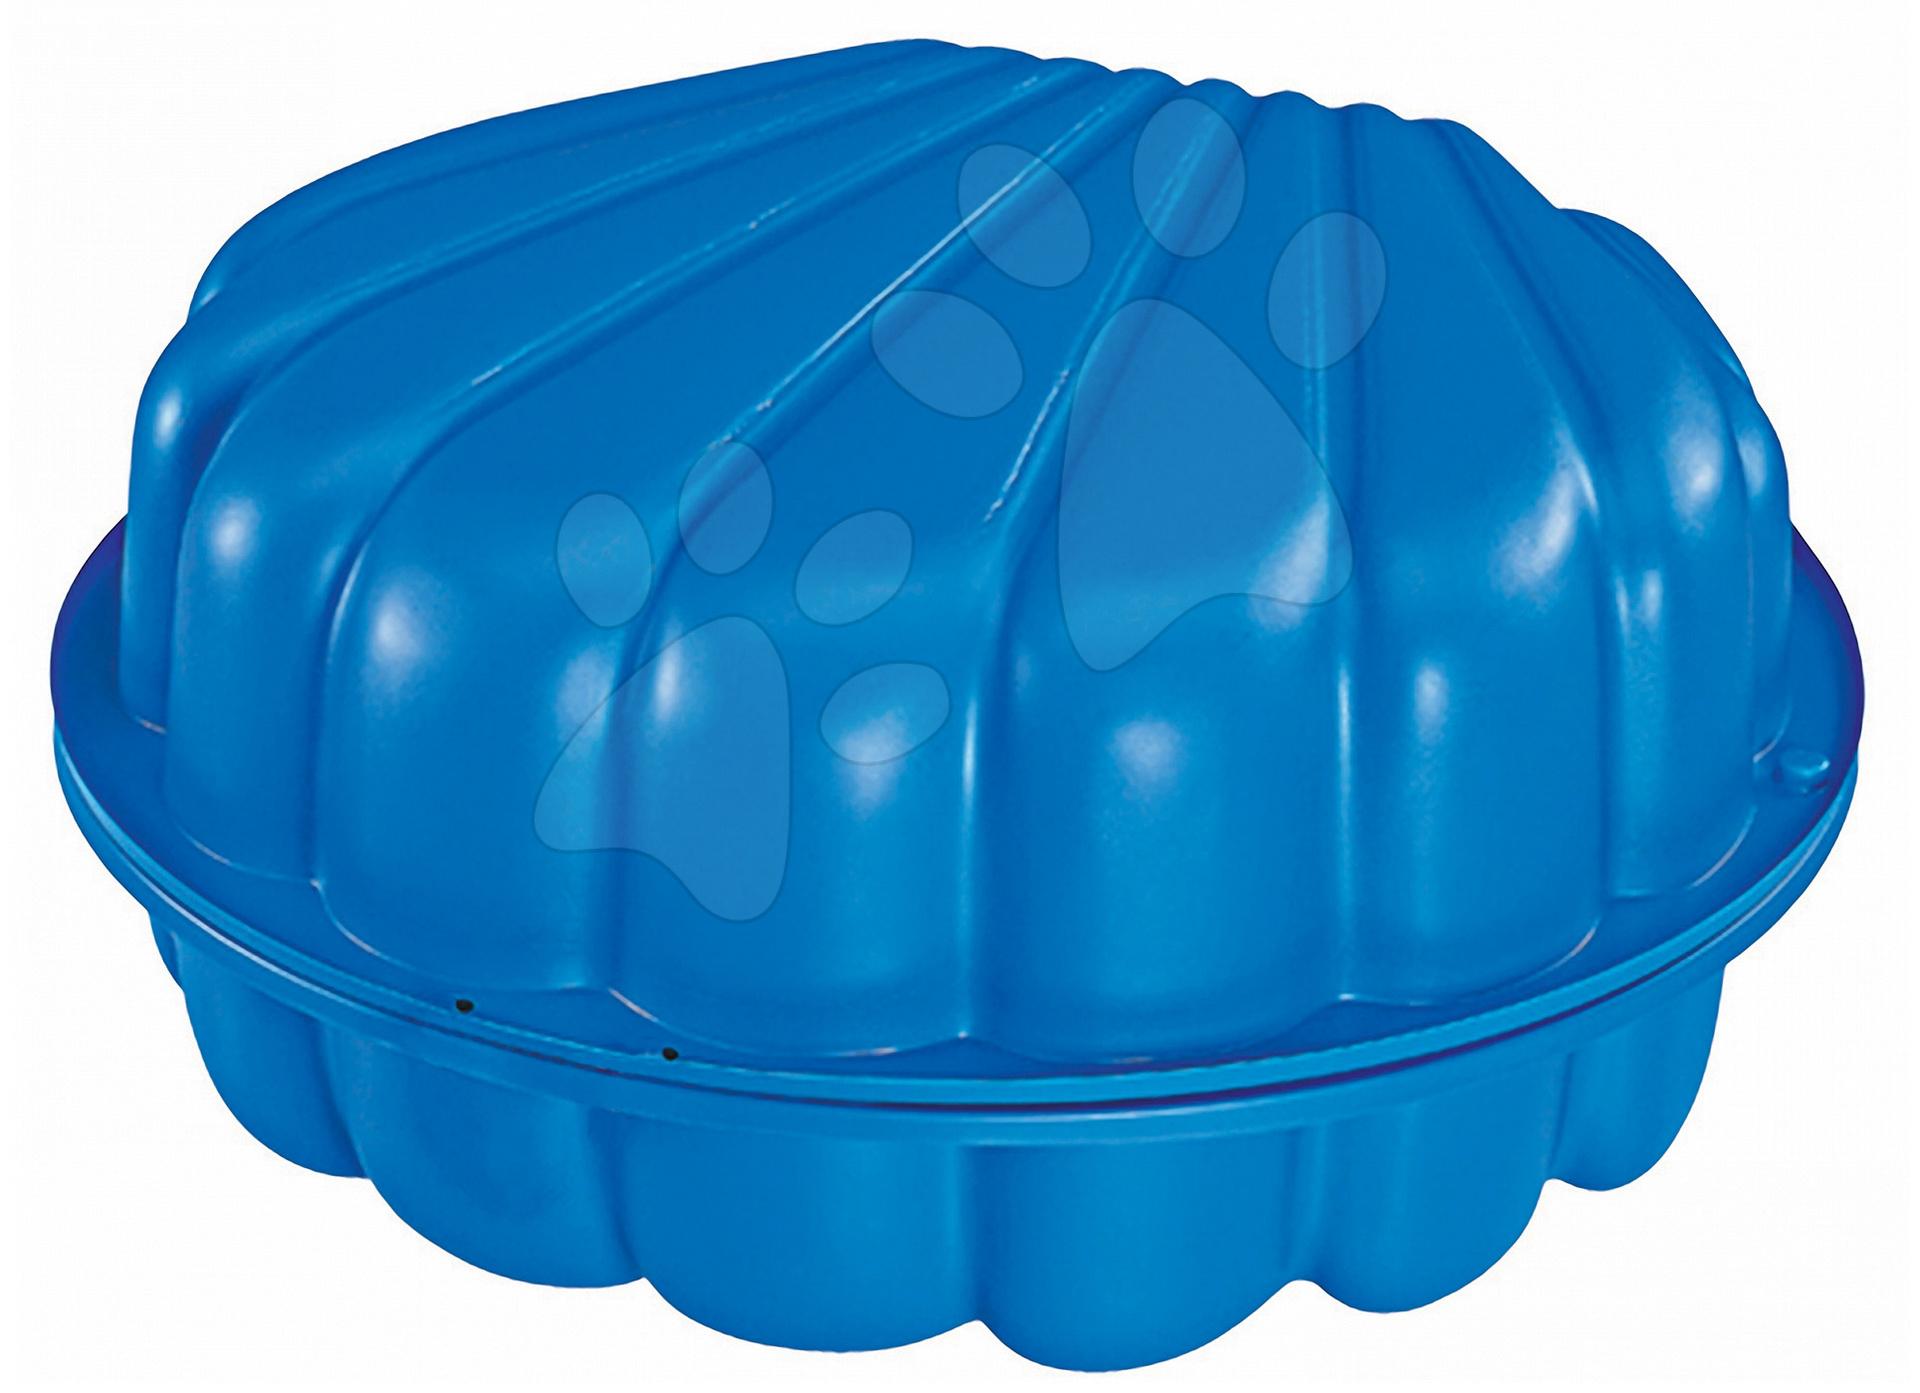 Pješljanik Školjka BIG dvodijelni zapremnina 2*100 litara 88*88 cm plavi od 18 mjes